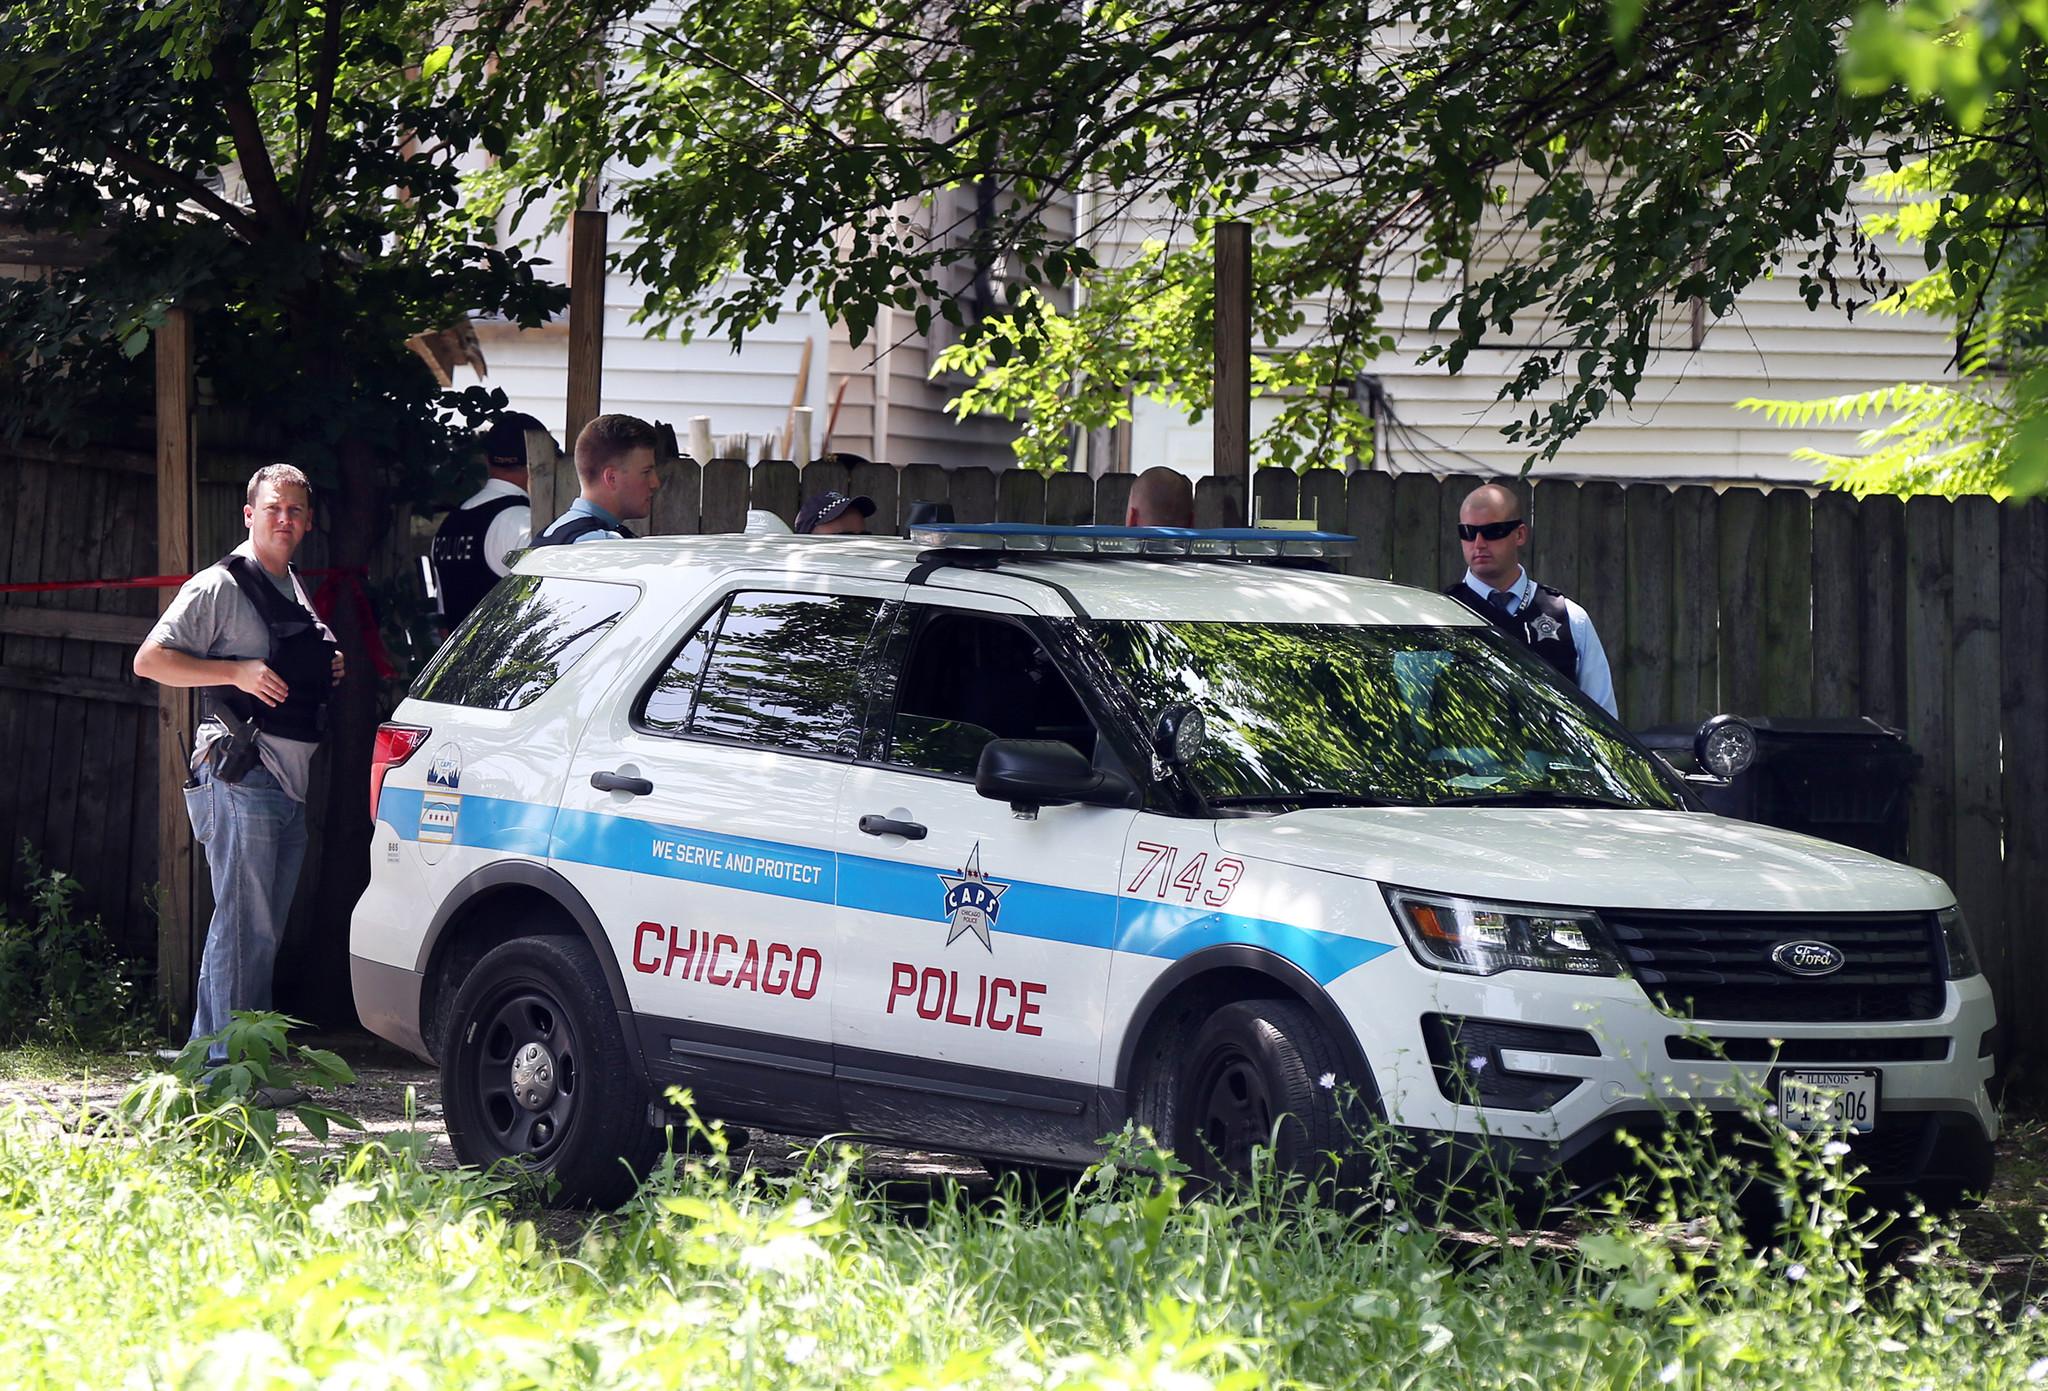 Ct-hoy-6-muertos-en-un-lapso-de-24-horas-en-chicago-10-baleados-20180712